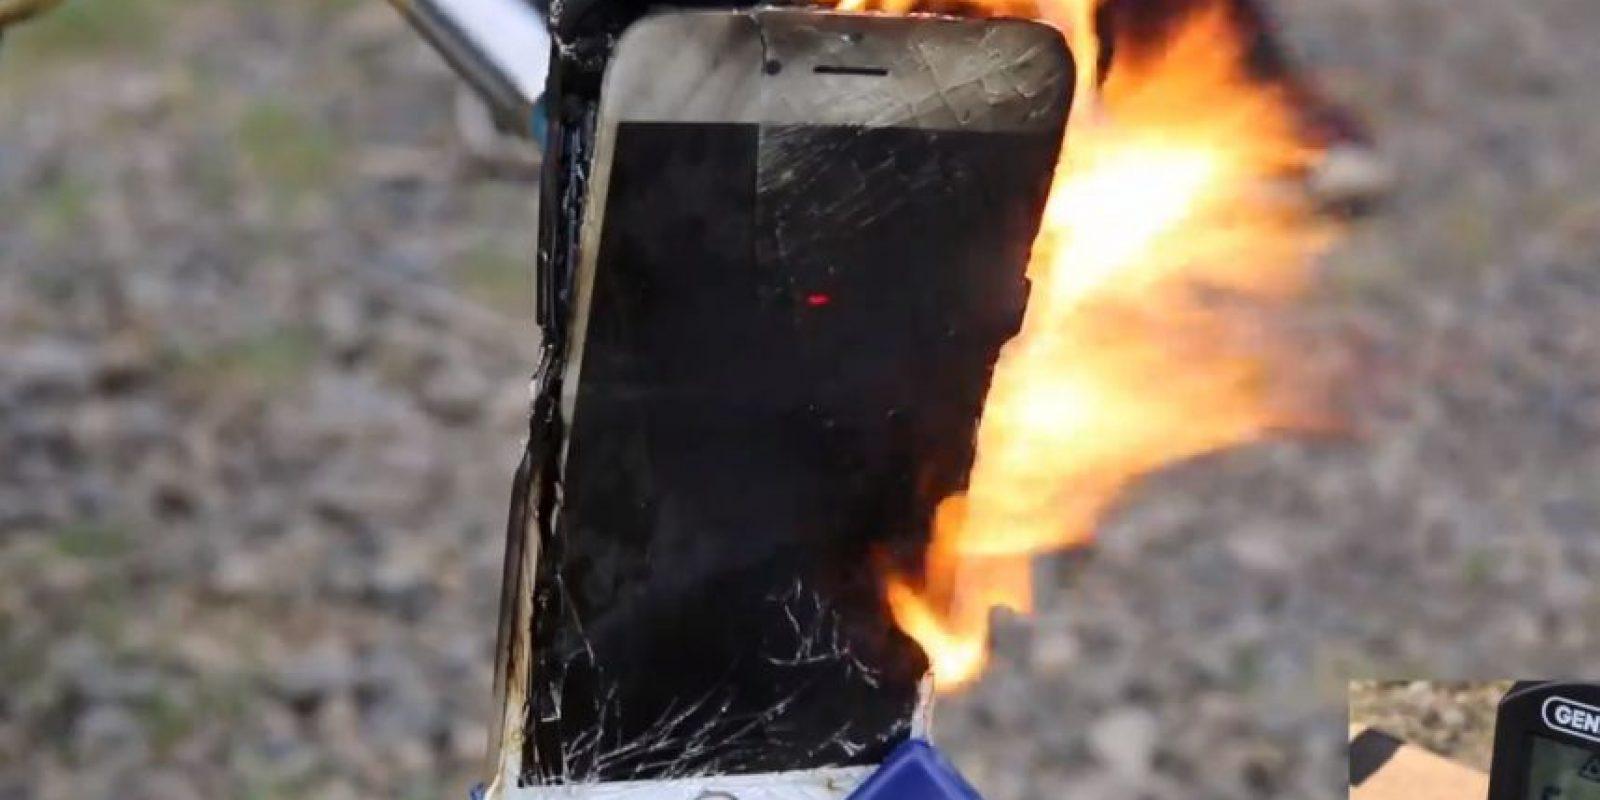 El dispositivo simplemente deja de funcionar. Foto:EverythingApplePro